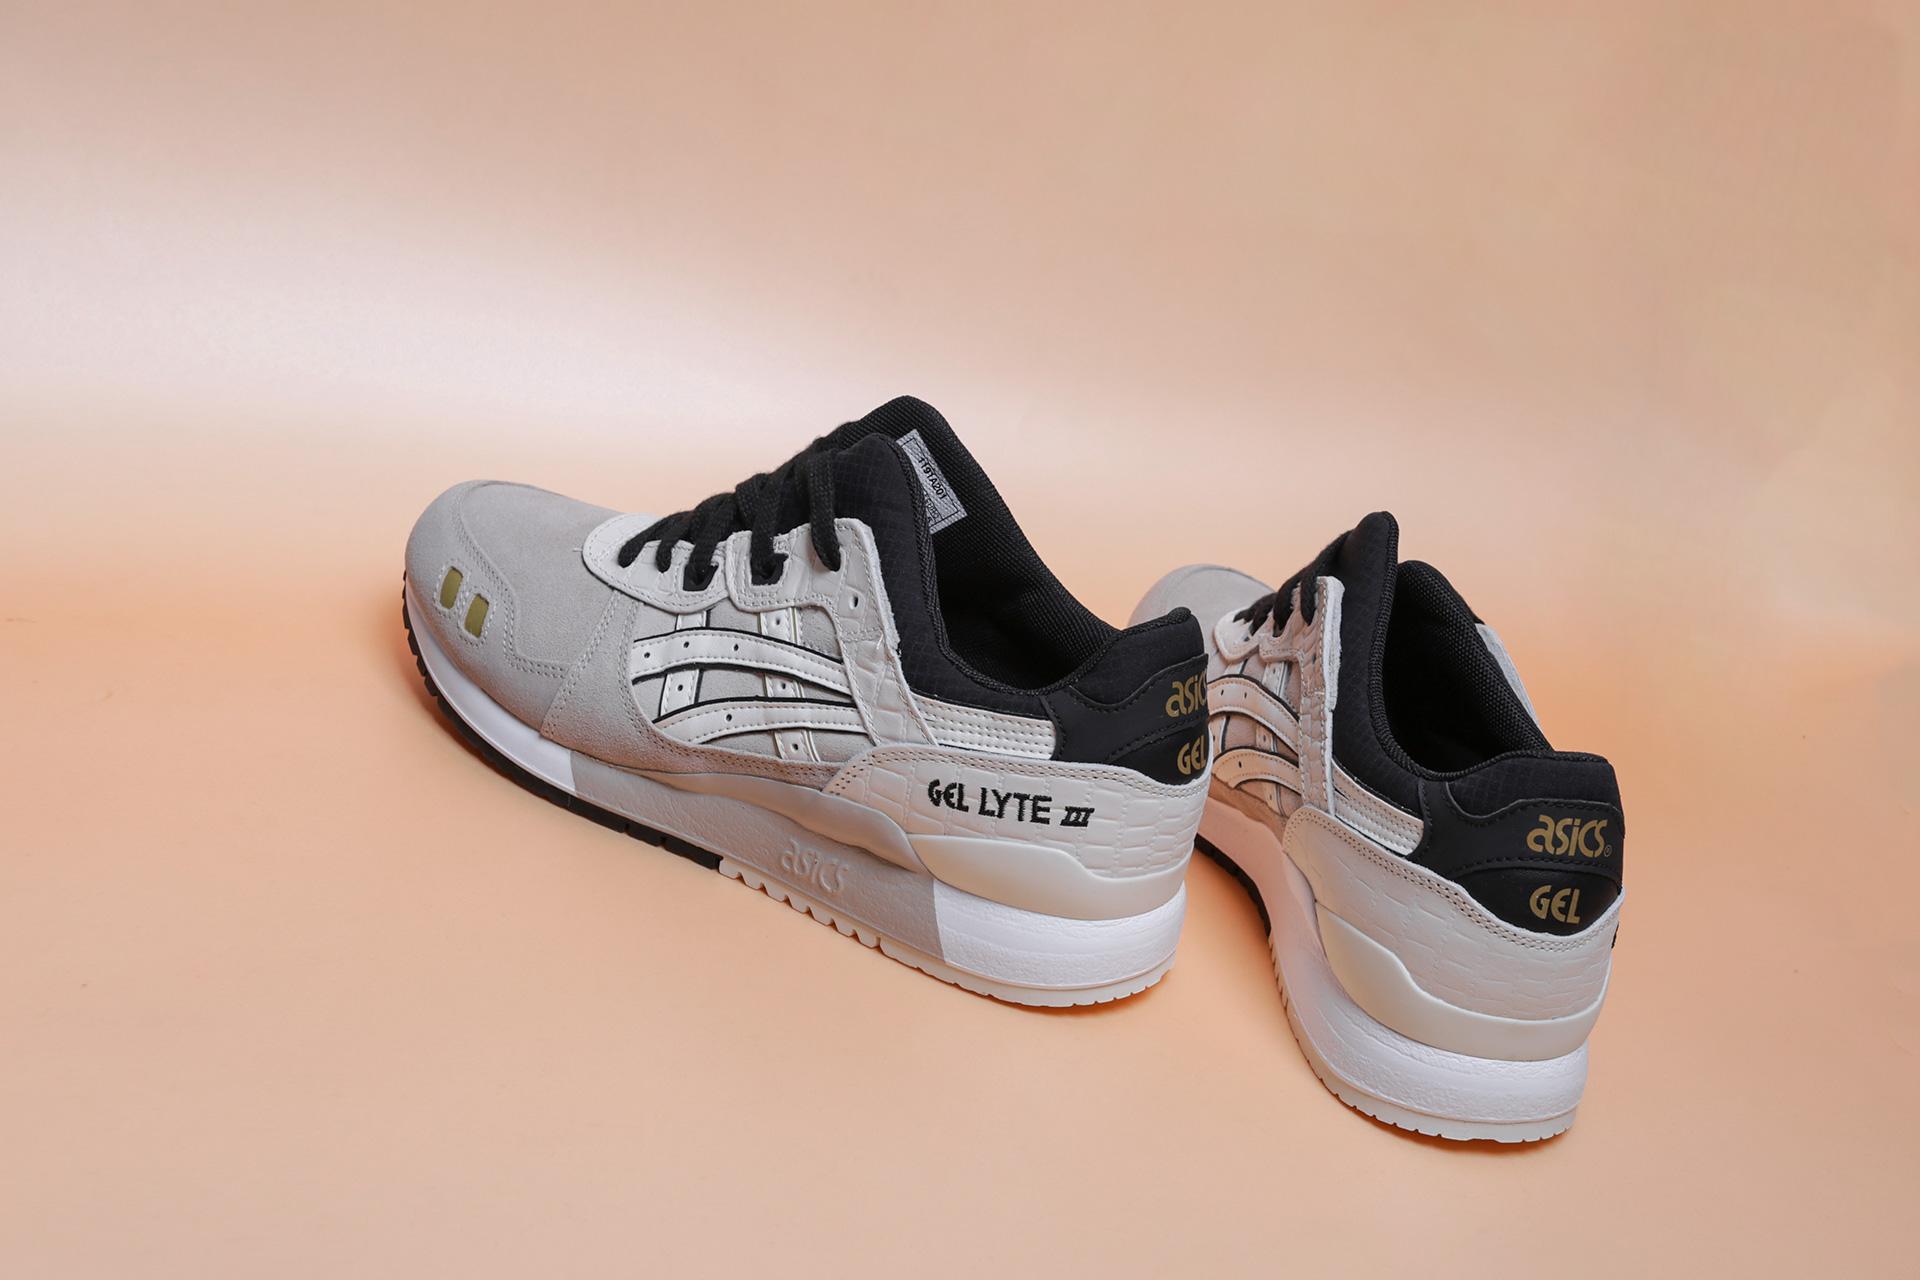 ... Купить мужские бежевые кроссовки ASICS Gel-Lyte III - фото 2 картинки  ... bdd0c246c941e